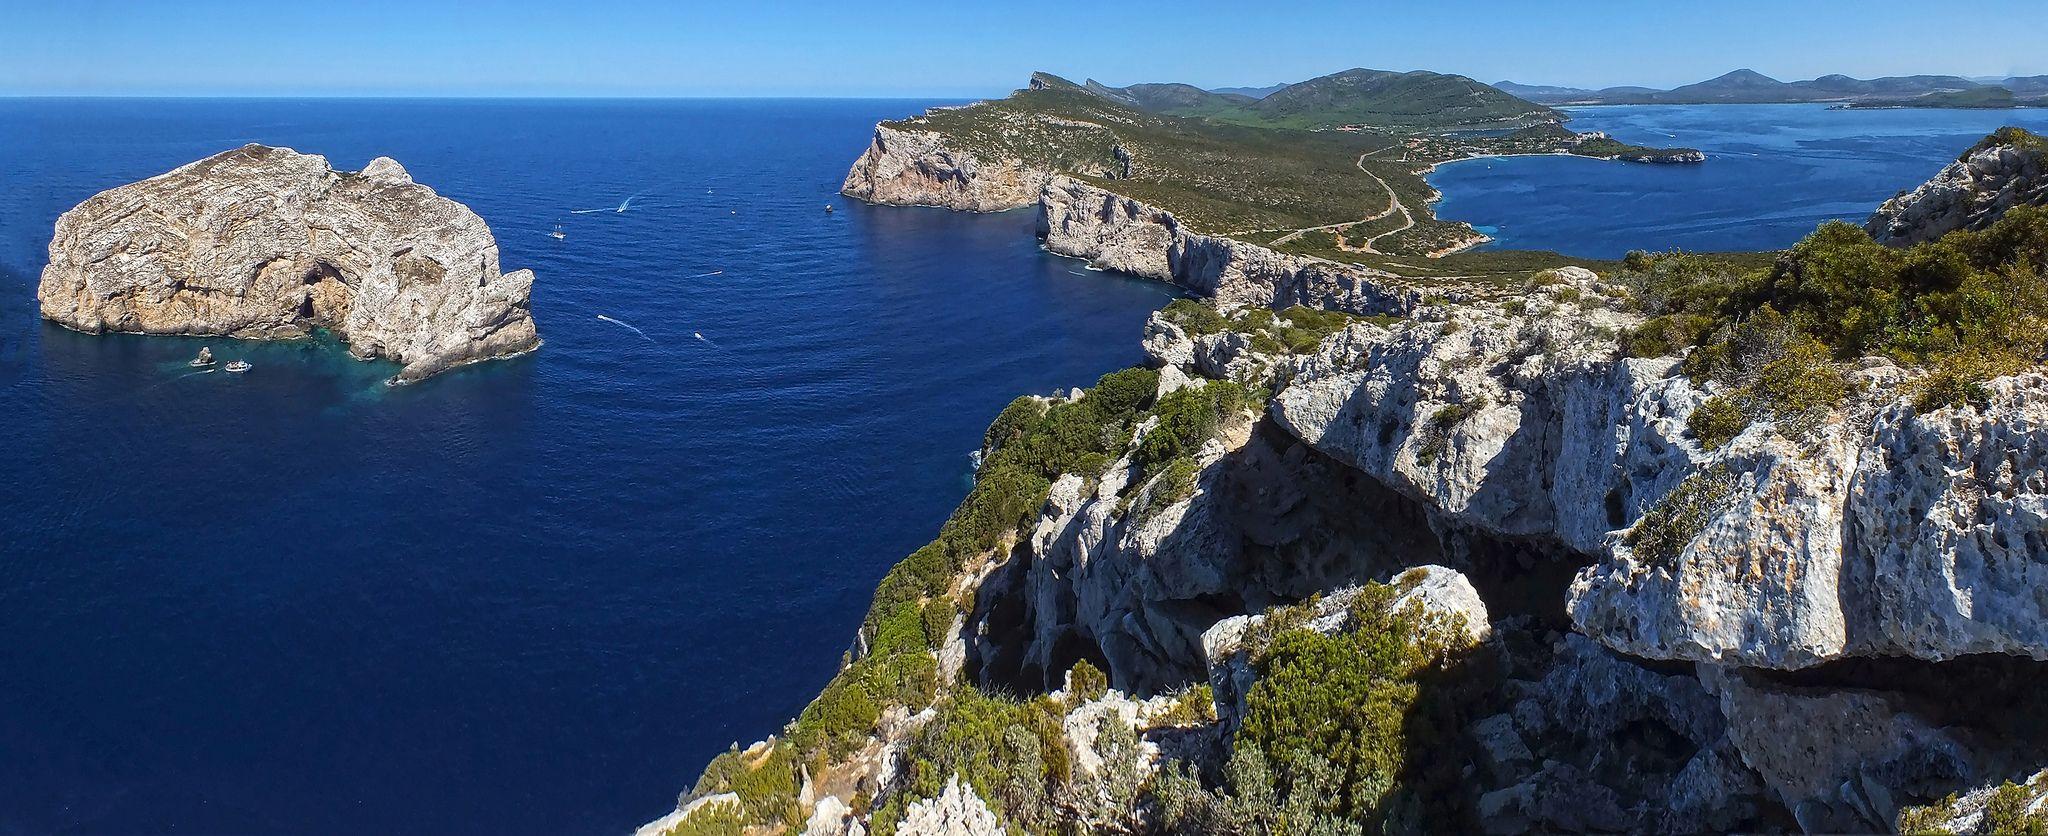 Capo Caccia Natural Marine Riserve Alghero Nurra Region Sardegna Sardinia Outdoor Nature Pictures